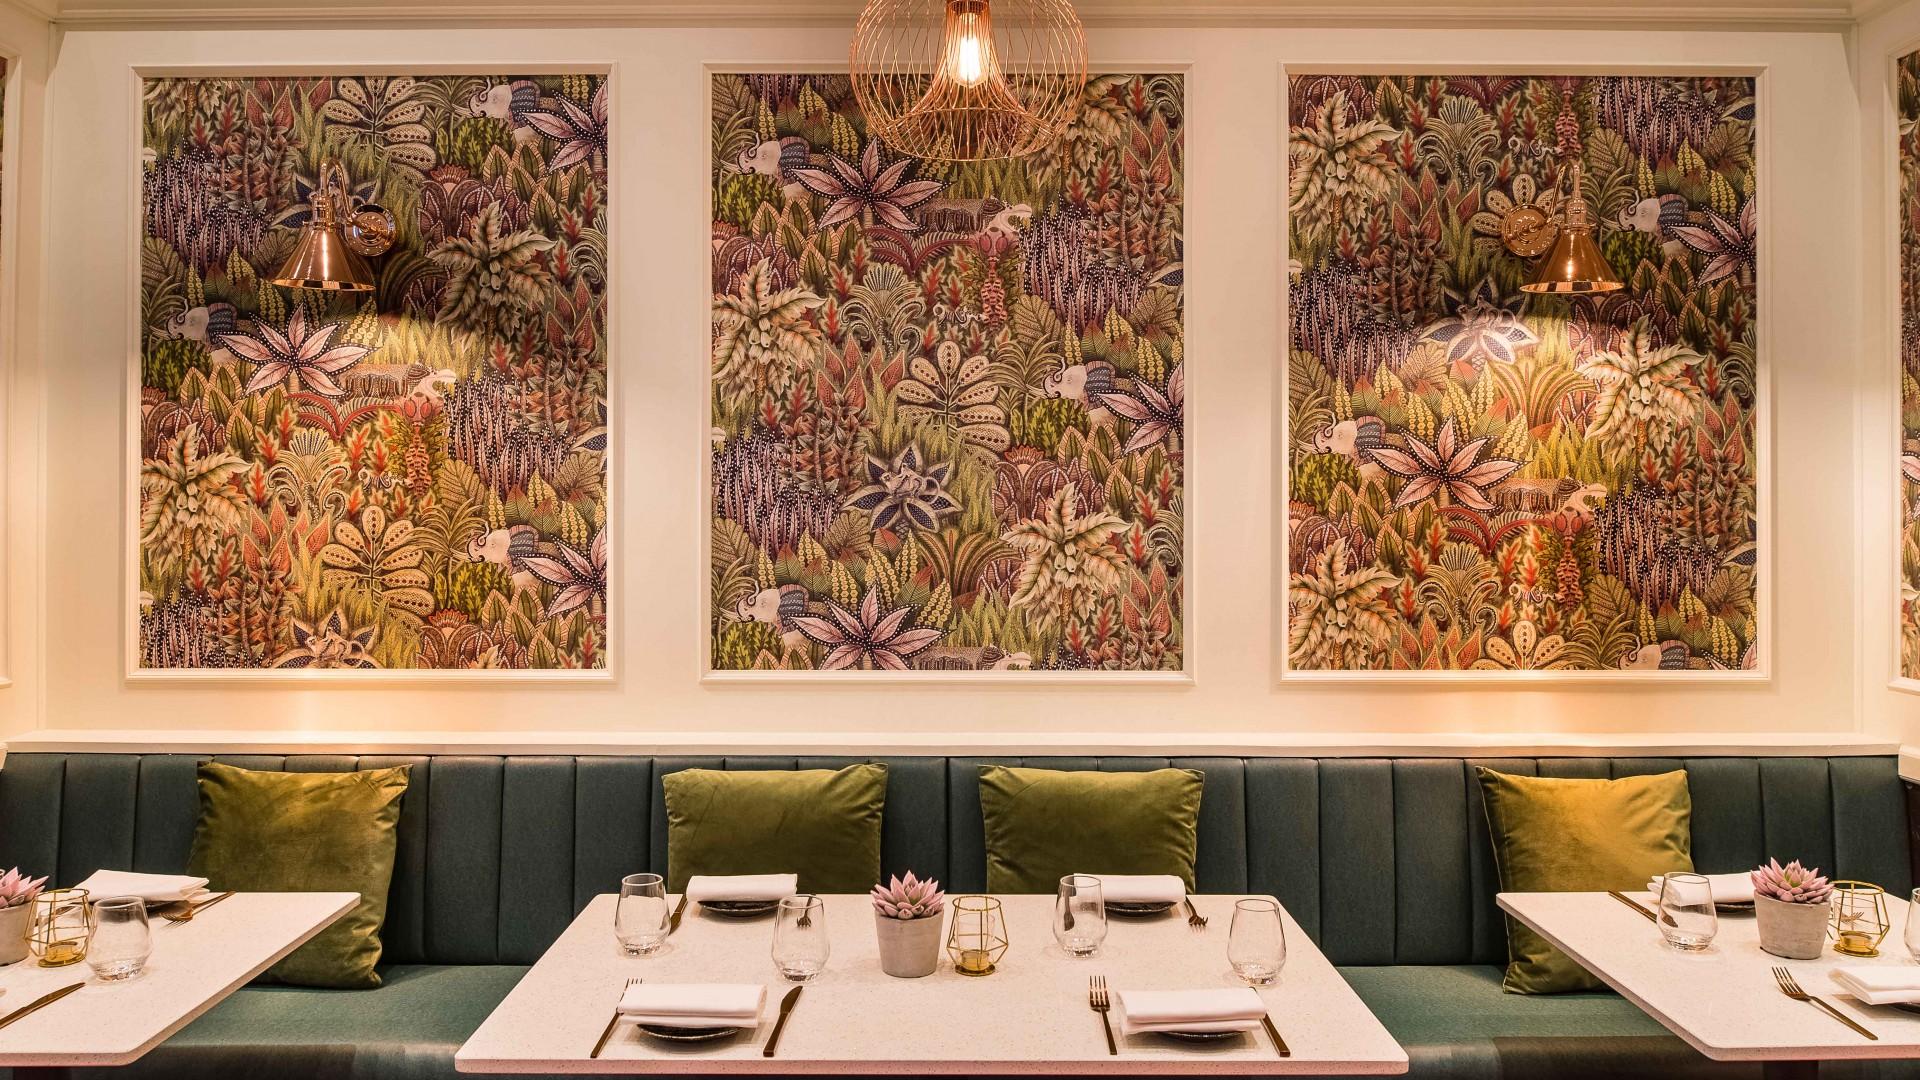 Ooty, Marylebone's interiors